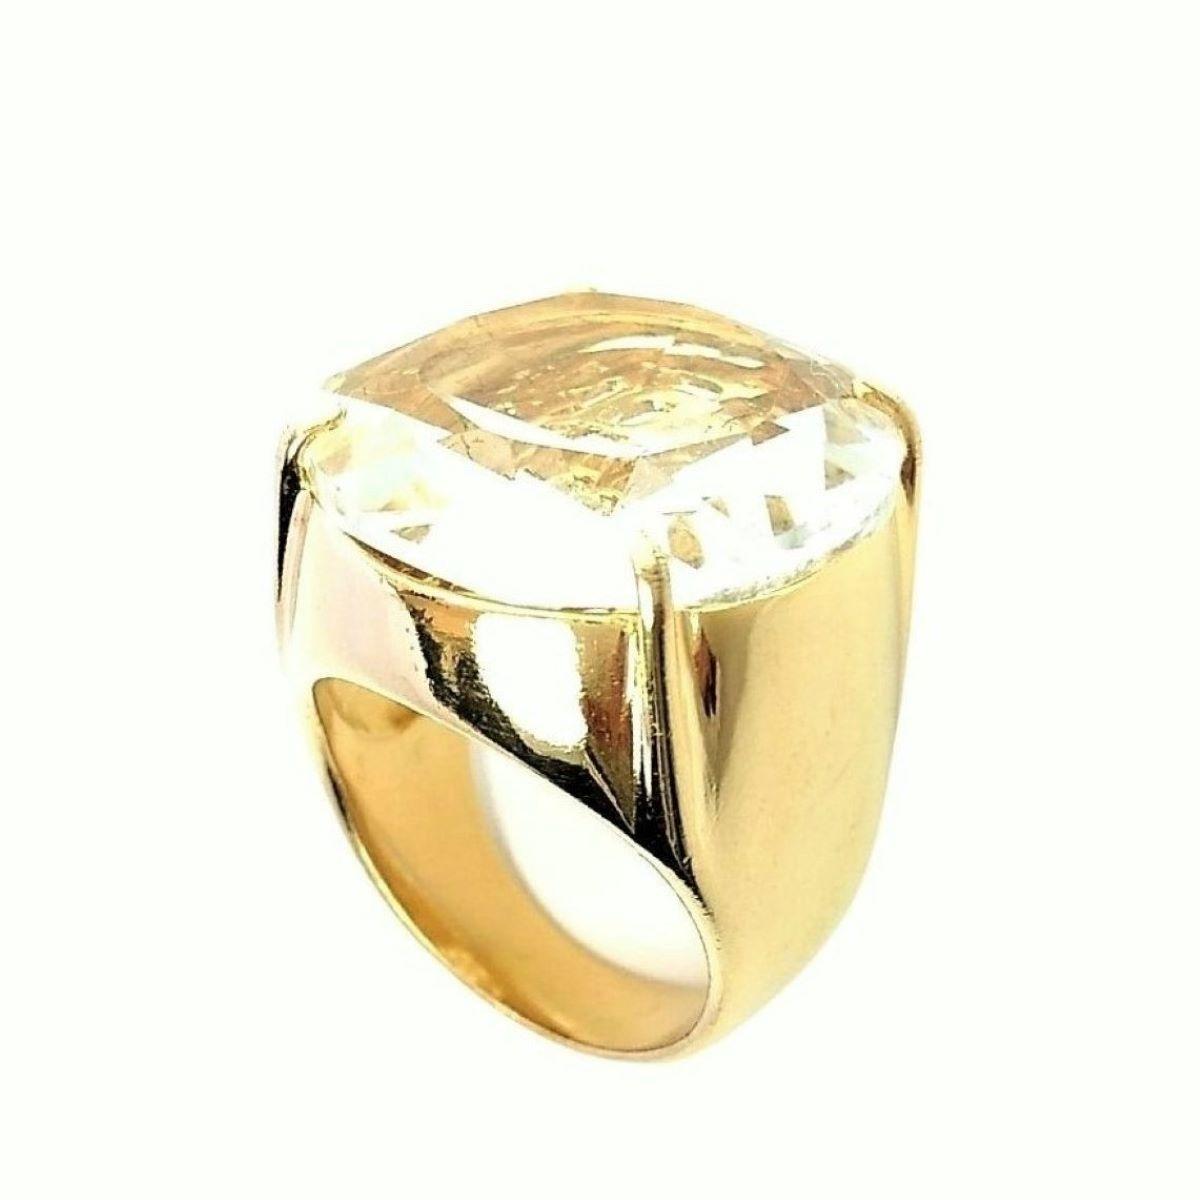 Anel De Pedra Cristal Lapidação Brilhante Banho De Ouro 18k 371